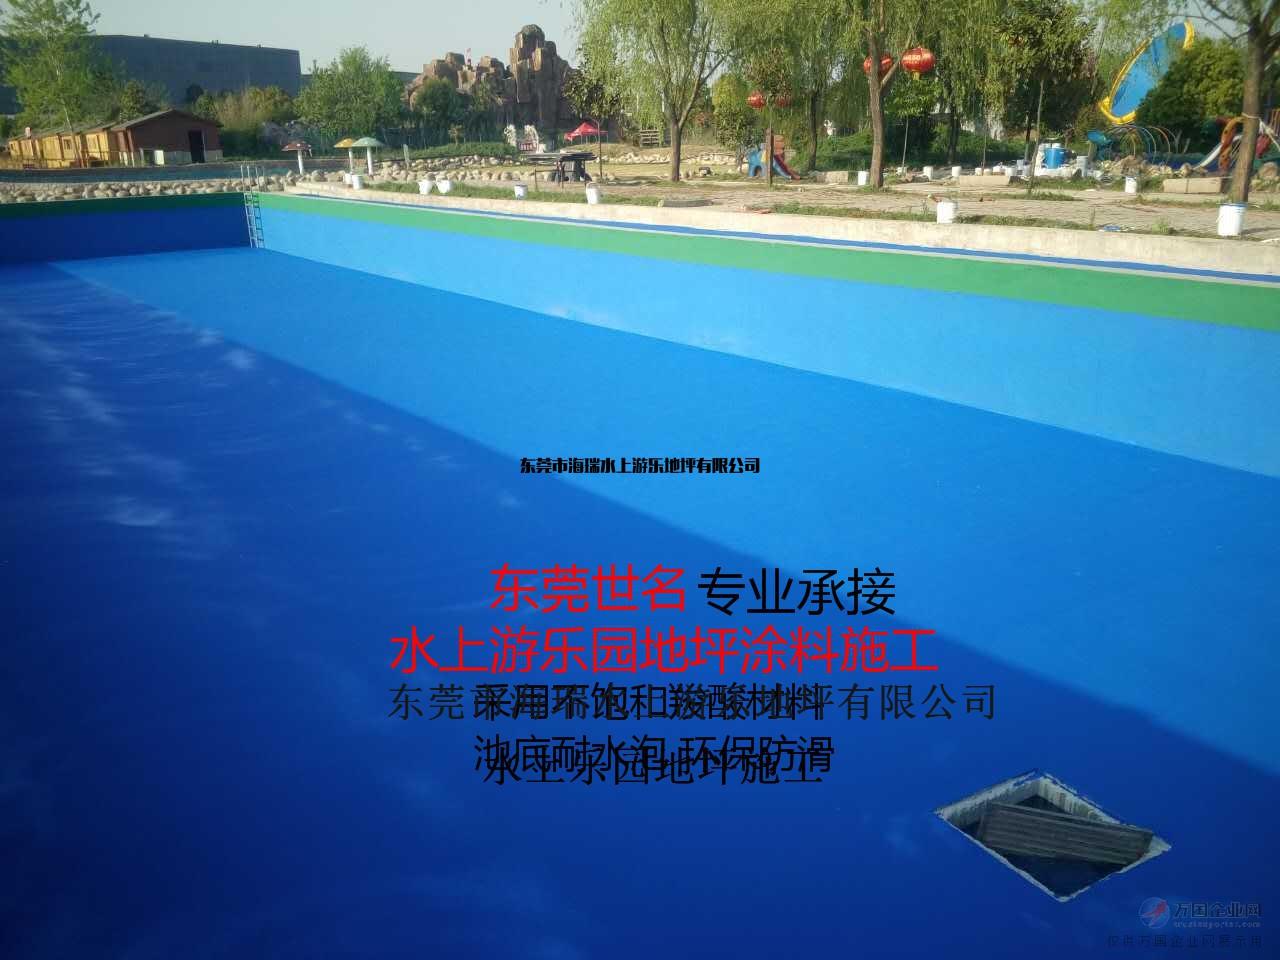 室内外儿童泳池游乐园涂料 漂流河翻新造价 全国可施工